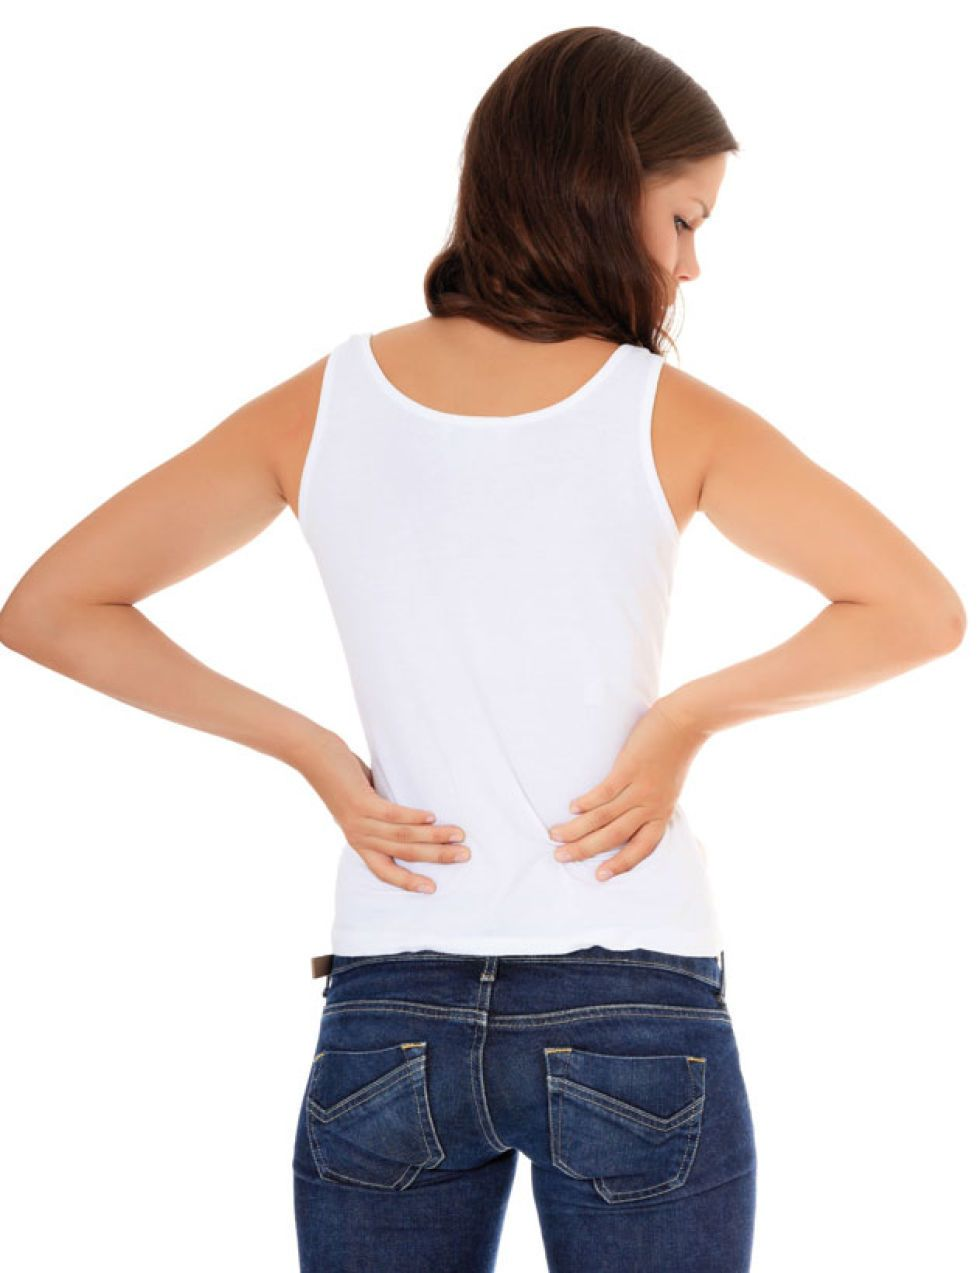 dolor de espalda pinchazos